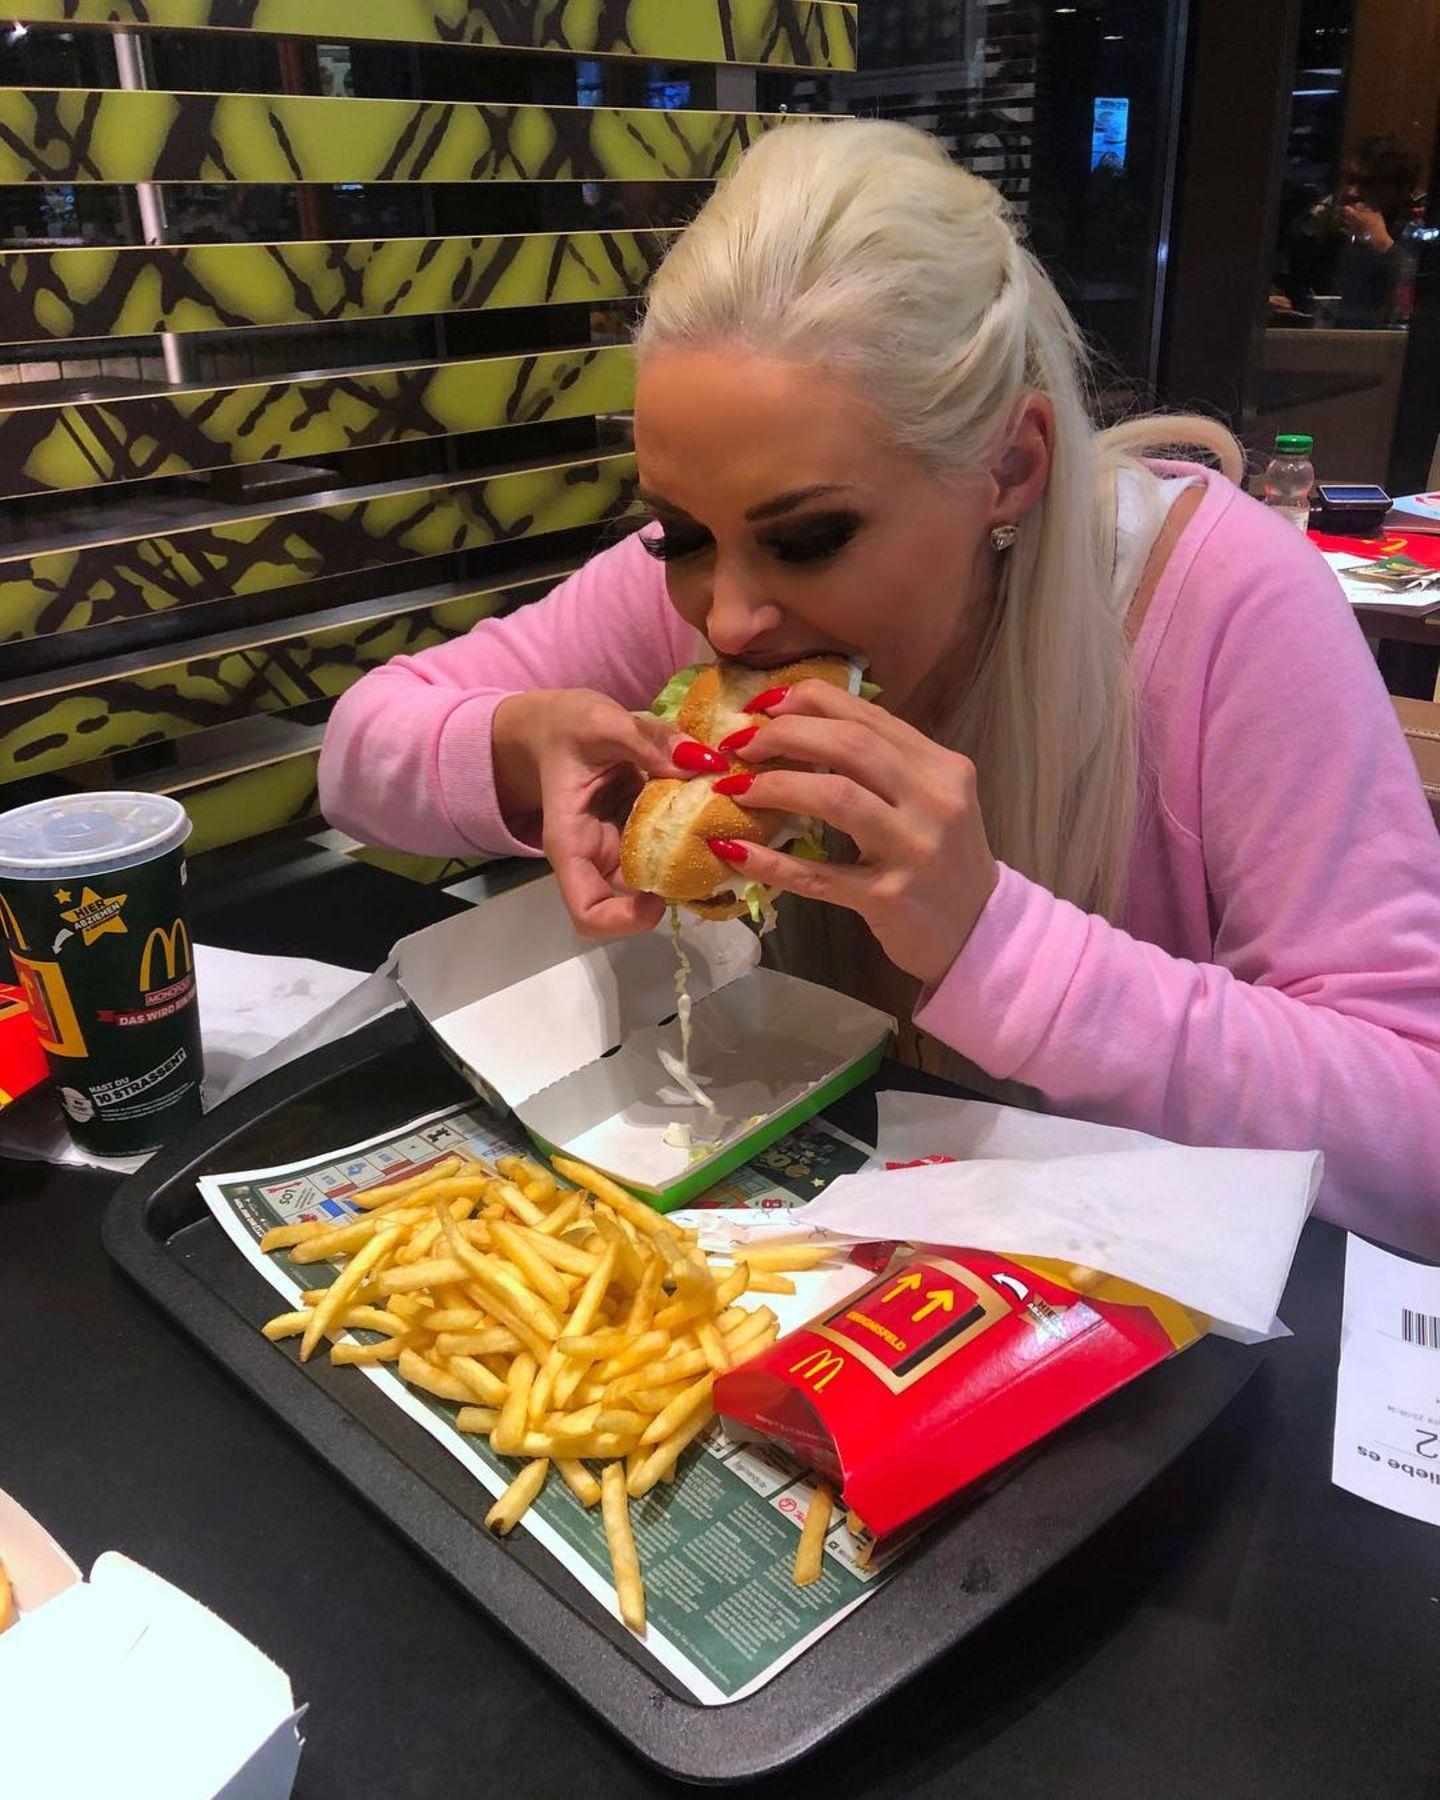 Daniela Katzenberger lässt es sich in einer großen Fast-Food-Kette so richtig schmecken. Pommes, Burger und eine große Cola stehen heute auf dem Speiseplan der Kult-Blondine. Na dannBon appétit!